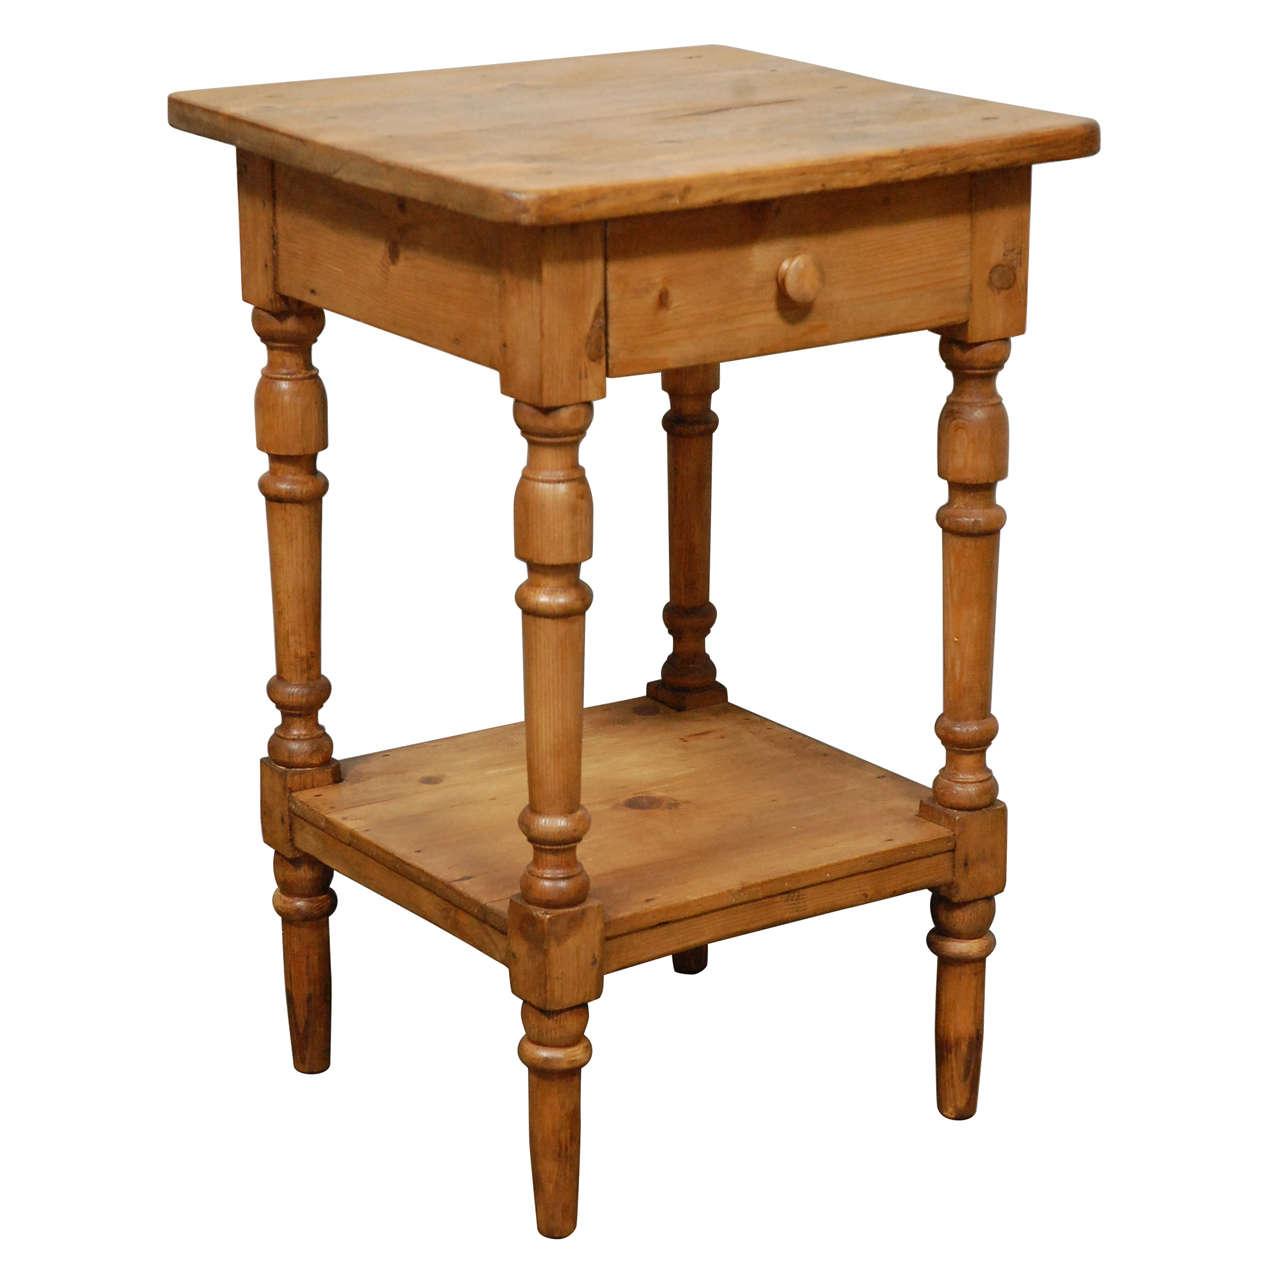 Turned-leg side table, ca. 1880